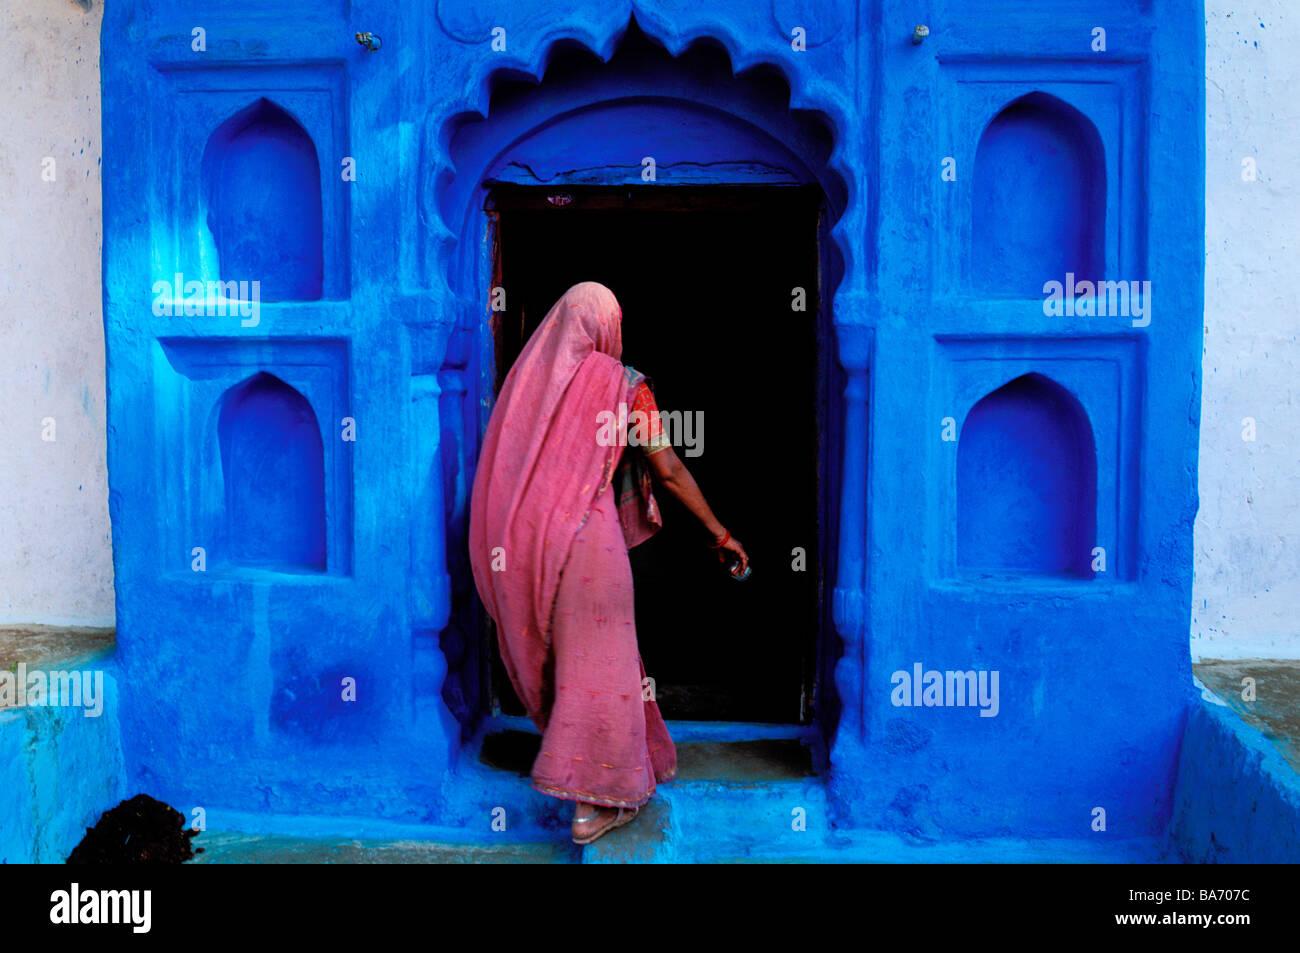 La India, el estado de Rajasthan, Jodhpur, la ciudad azul antiguo Foto de stock